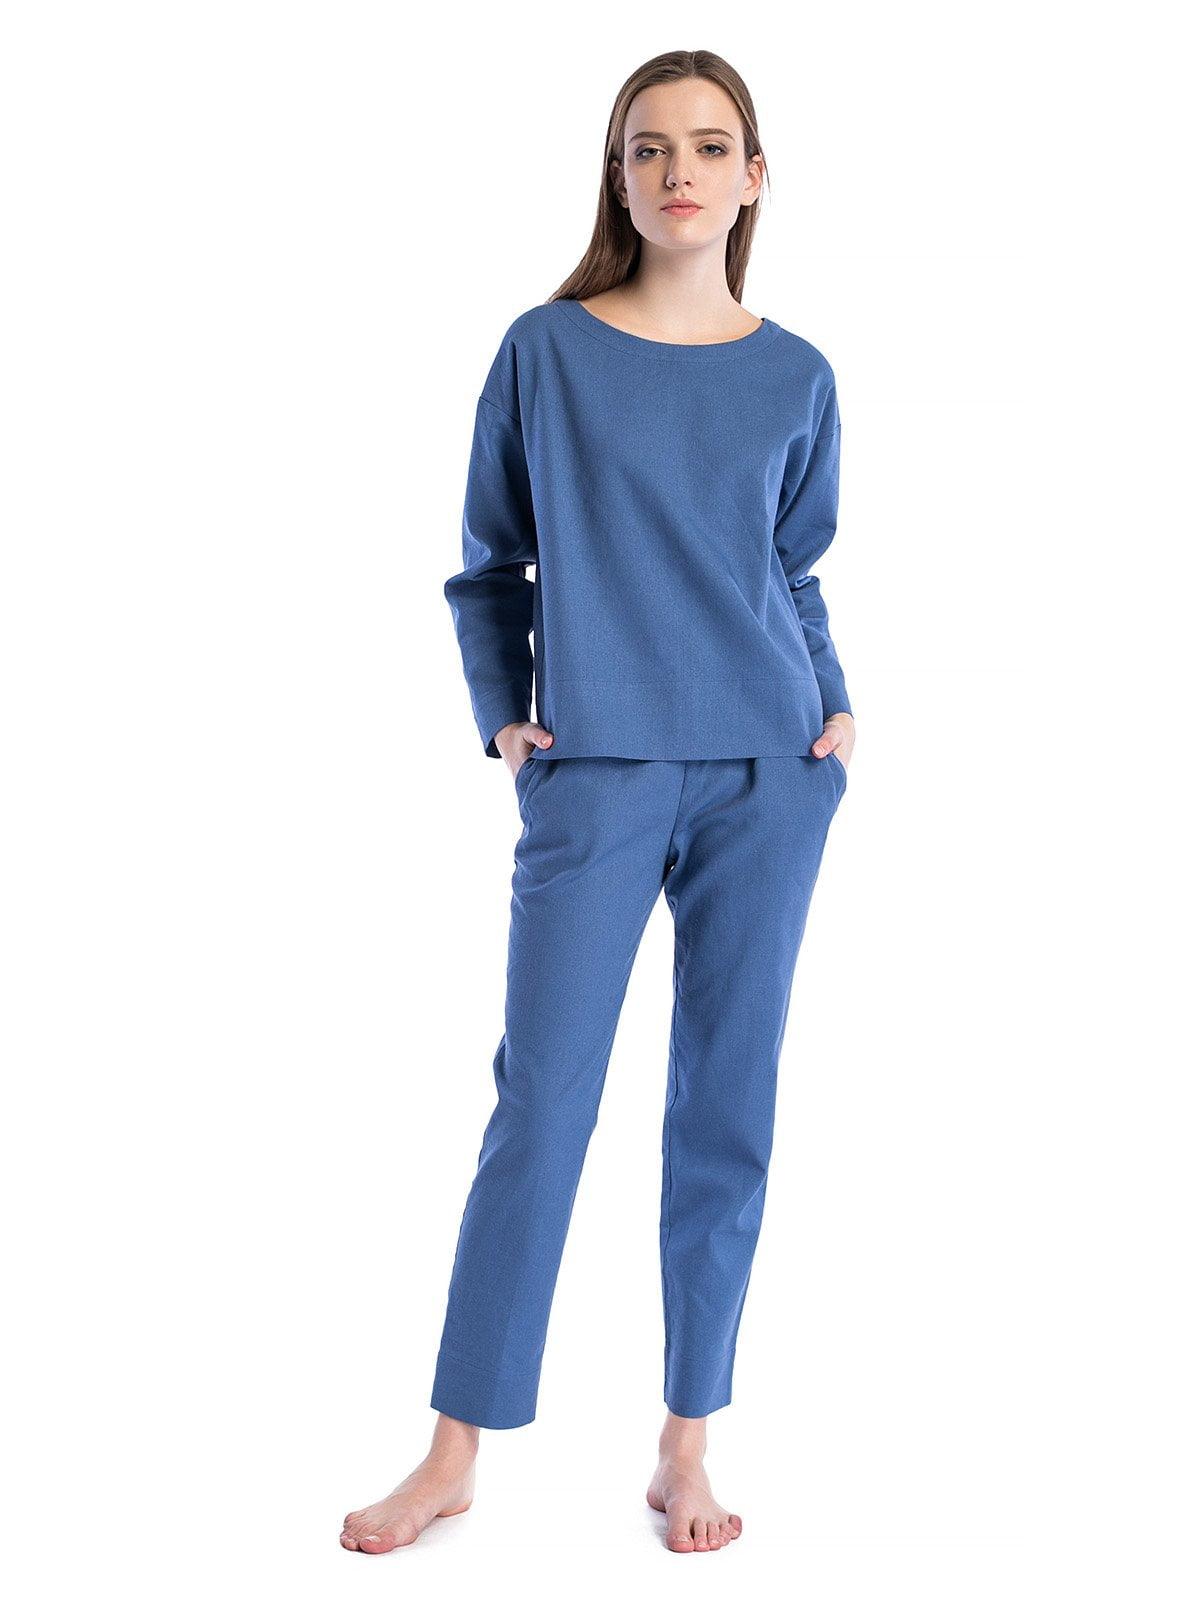 Жіноча піжама Zzz8 Blue – купити в Києві та Українi  41b4efc65c71e